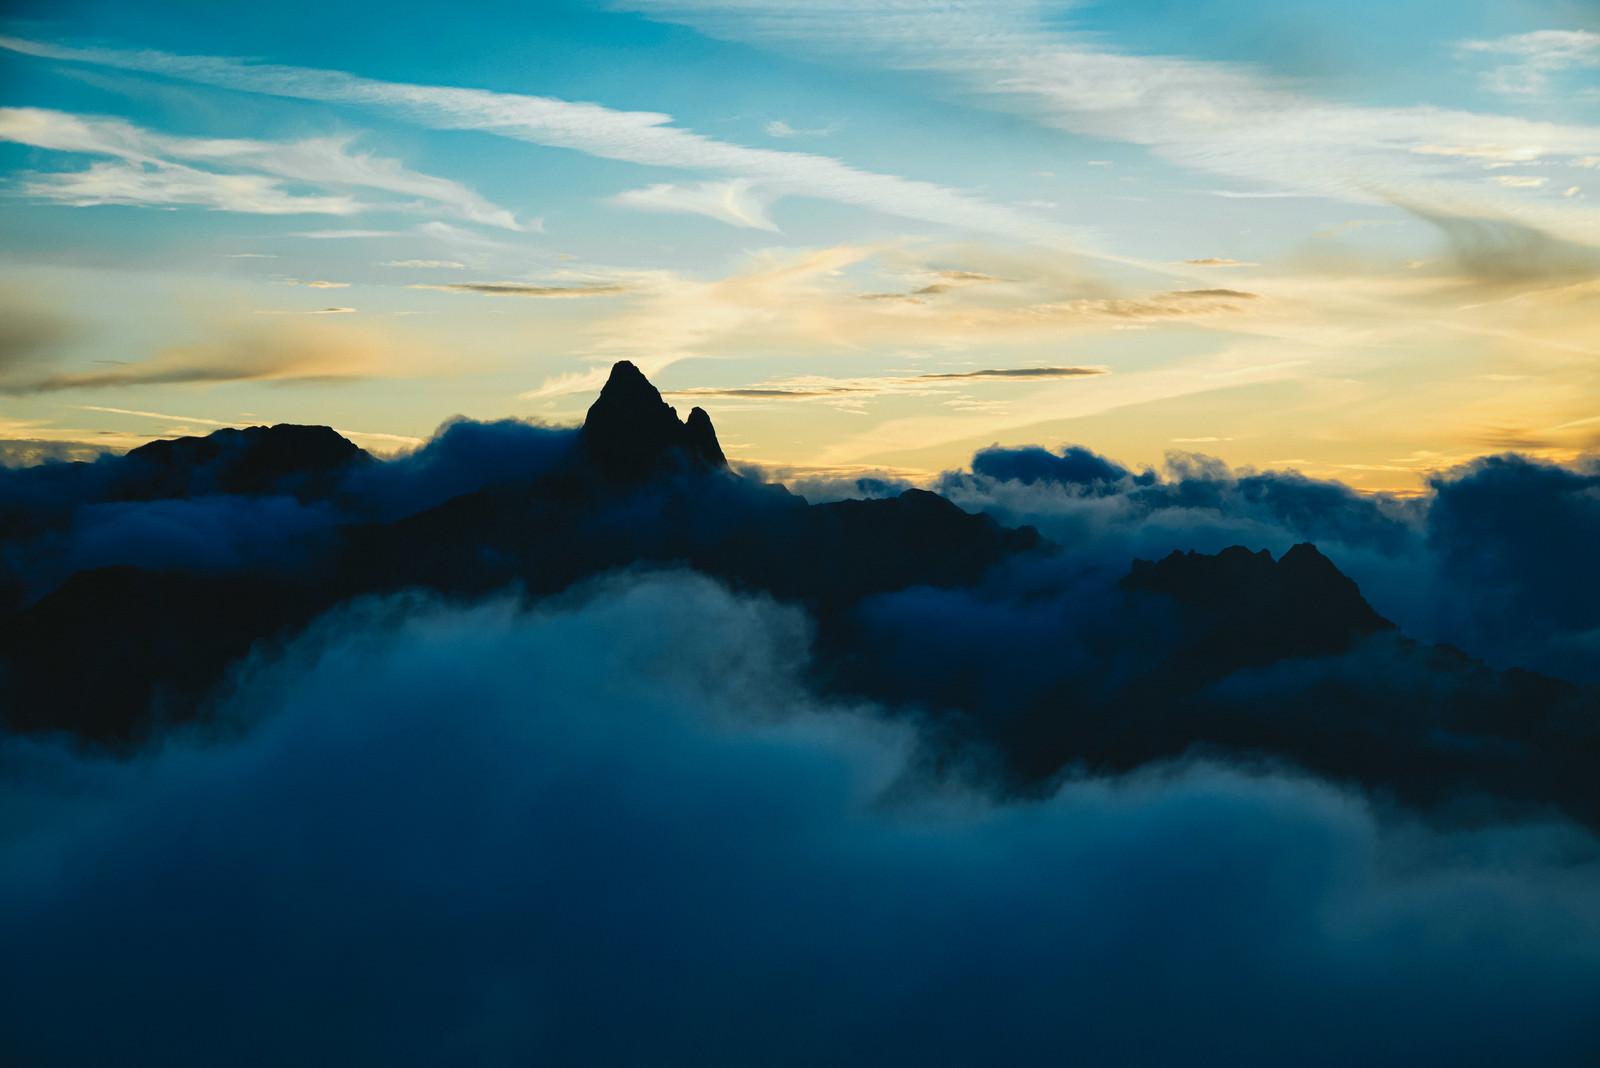 「雲海に浮かぶ槍ヶ岳のシルエット(八ヶ岳南部)」の写真